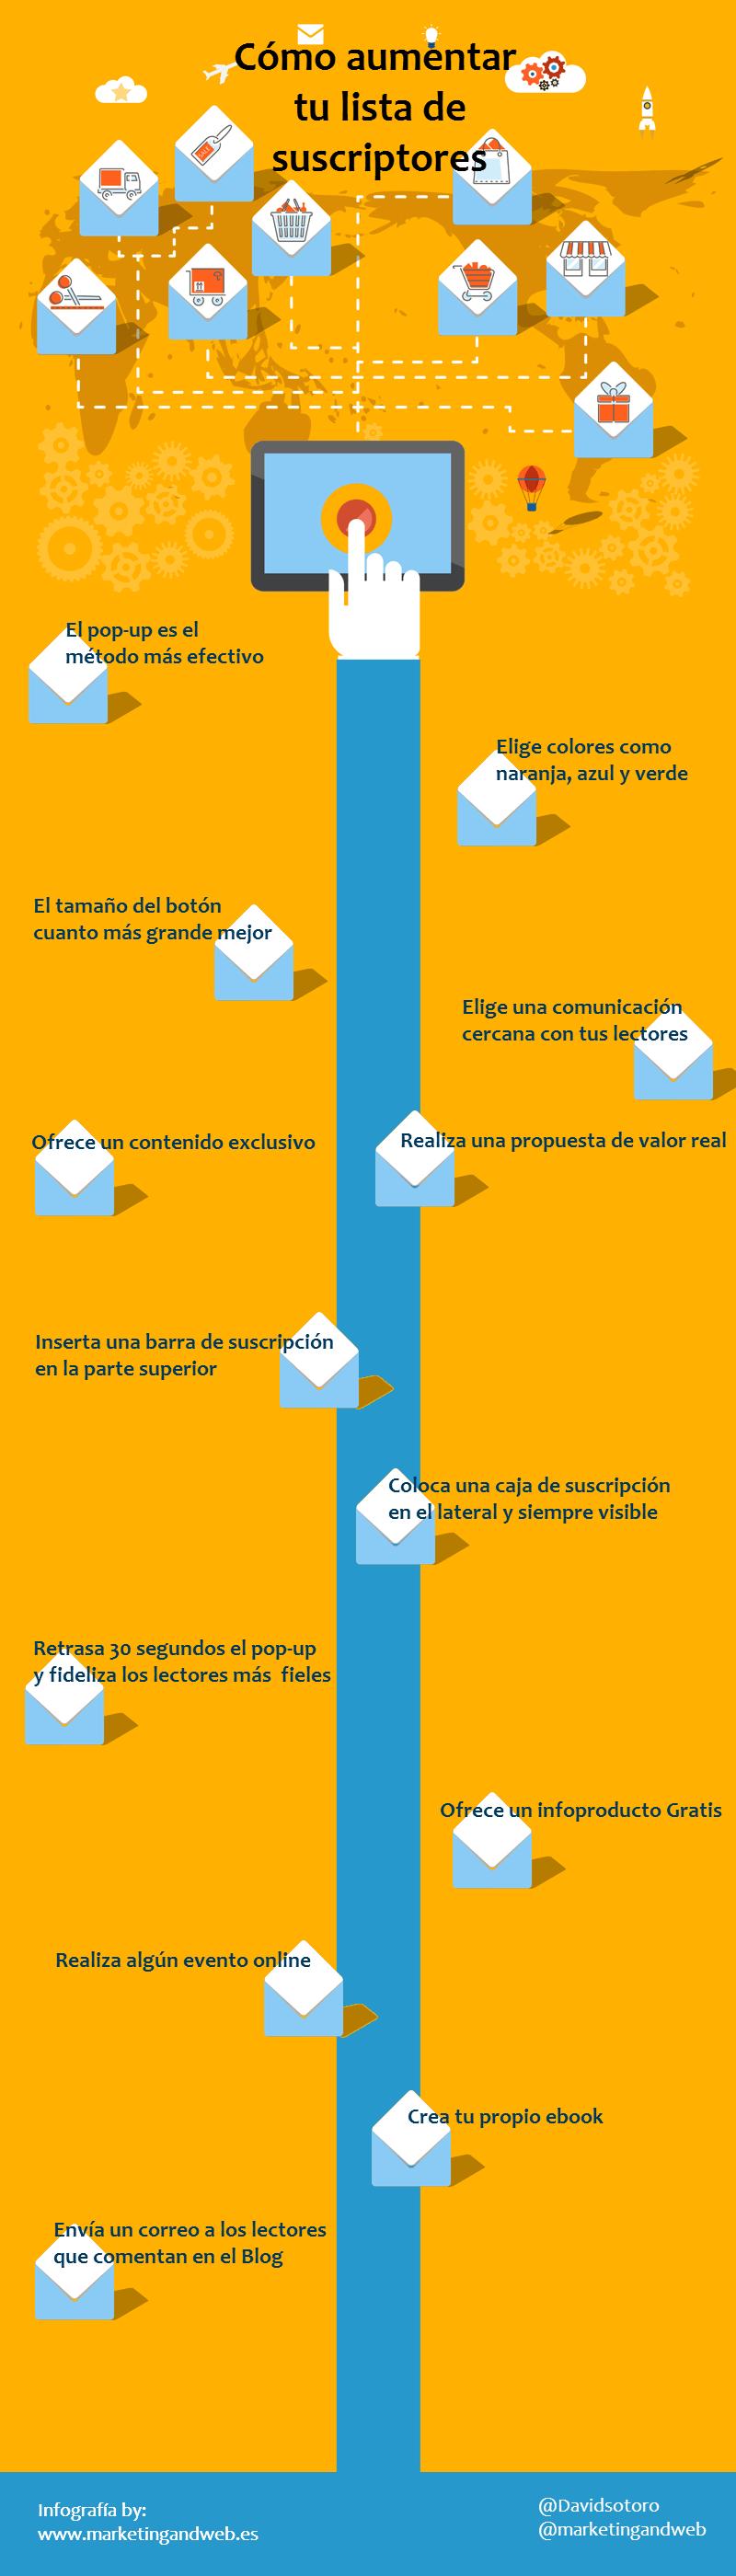 cómo aumentar tu lista de suscriptores